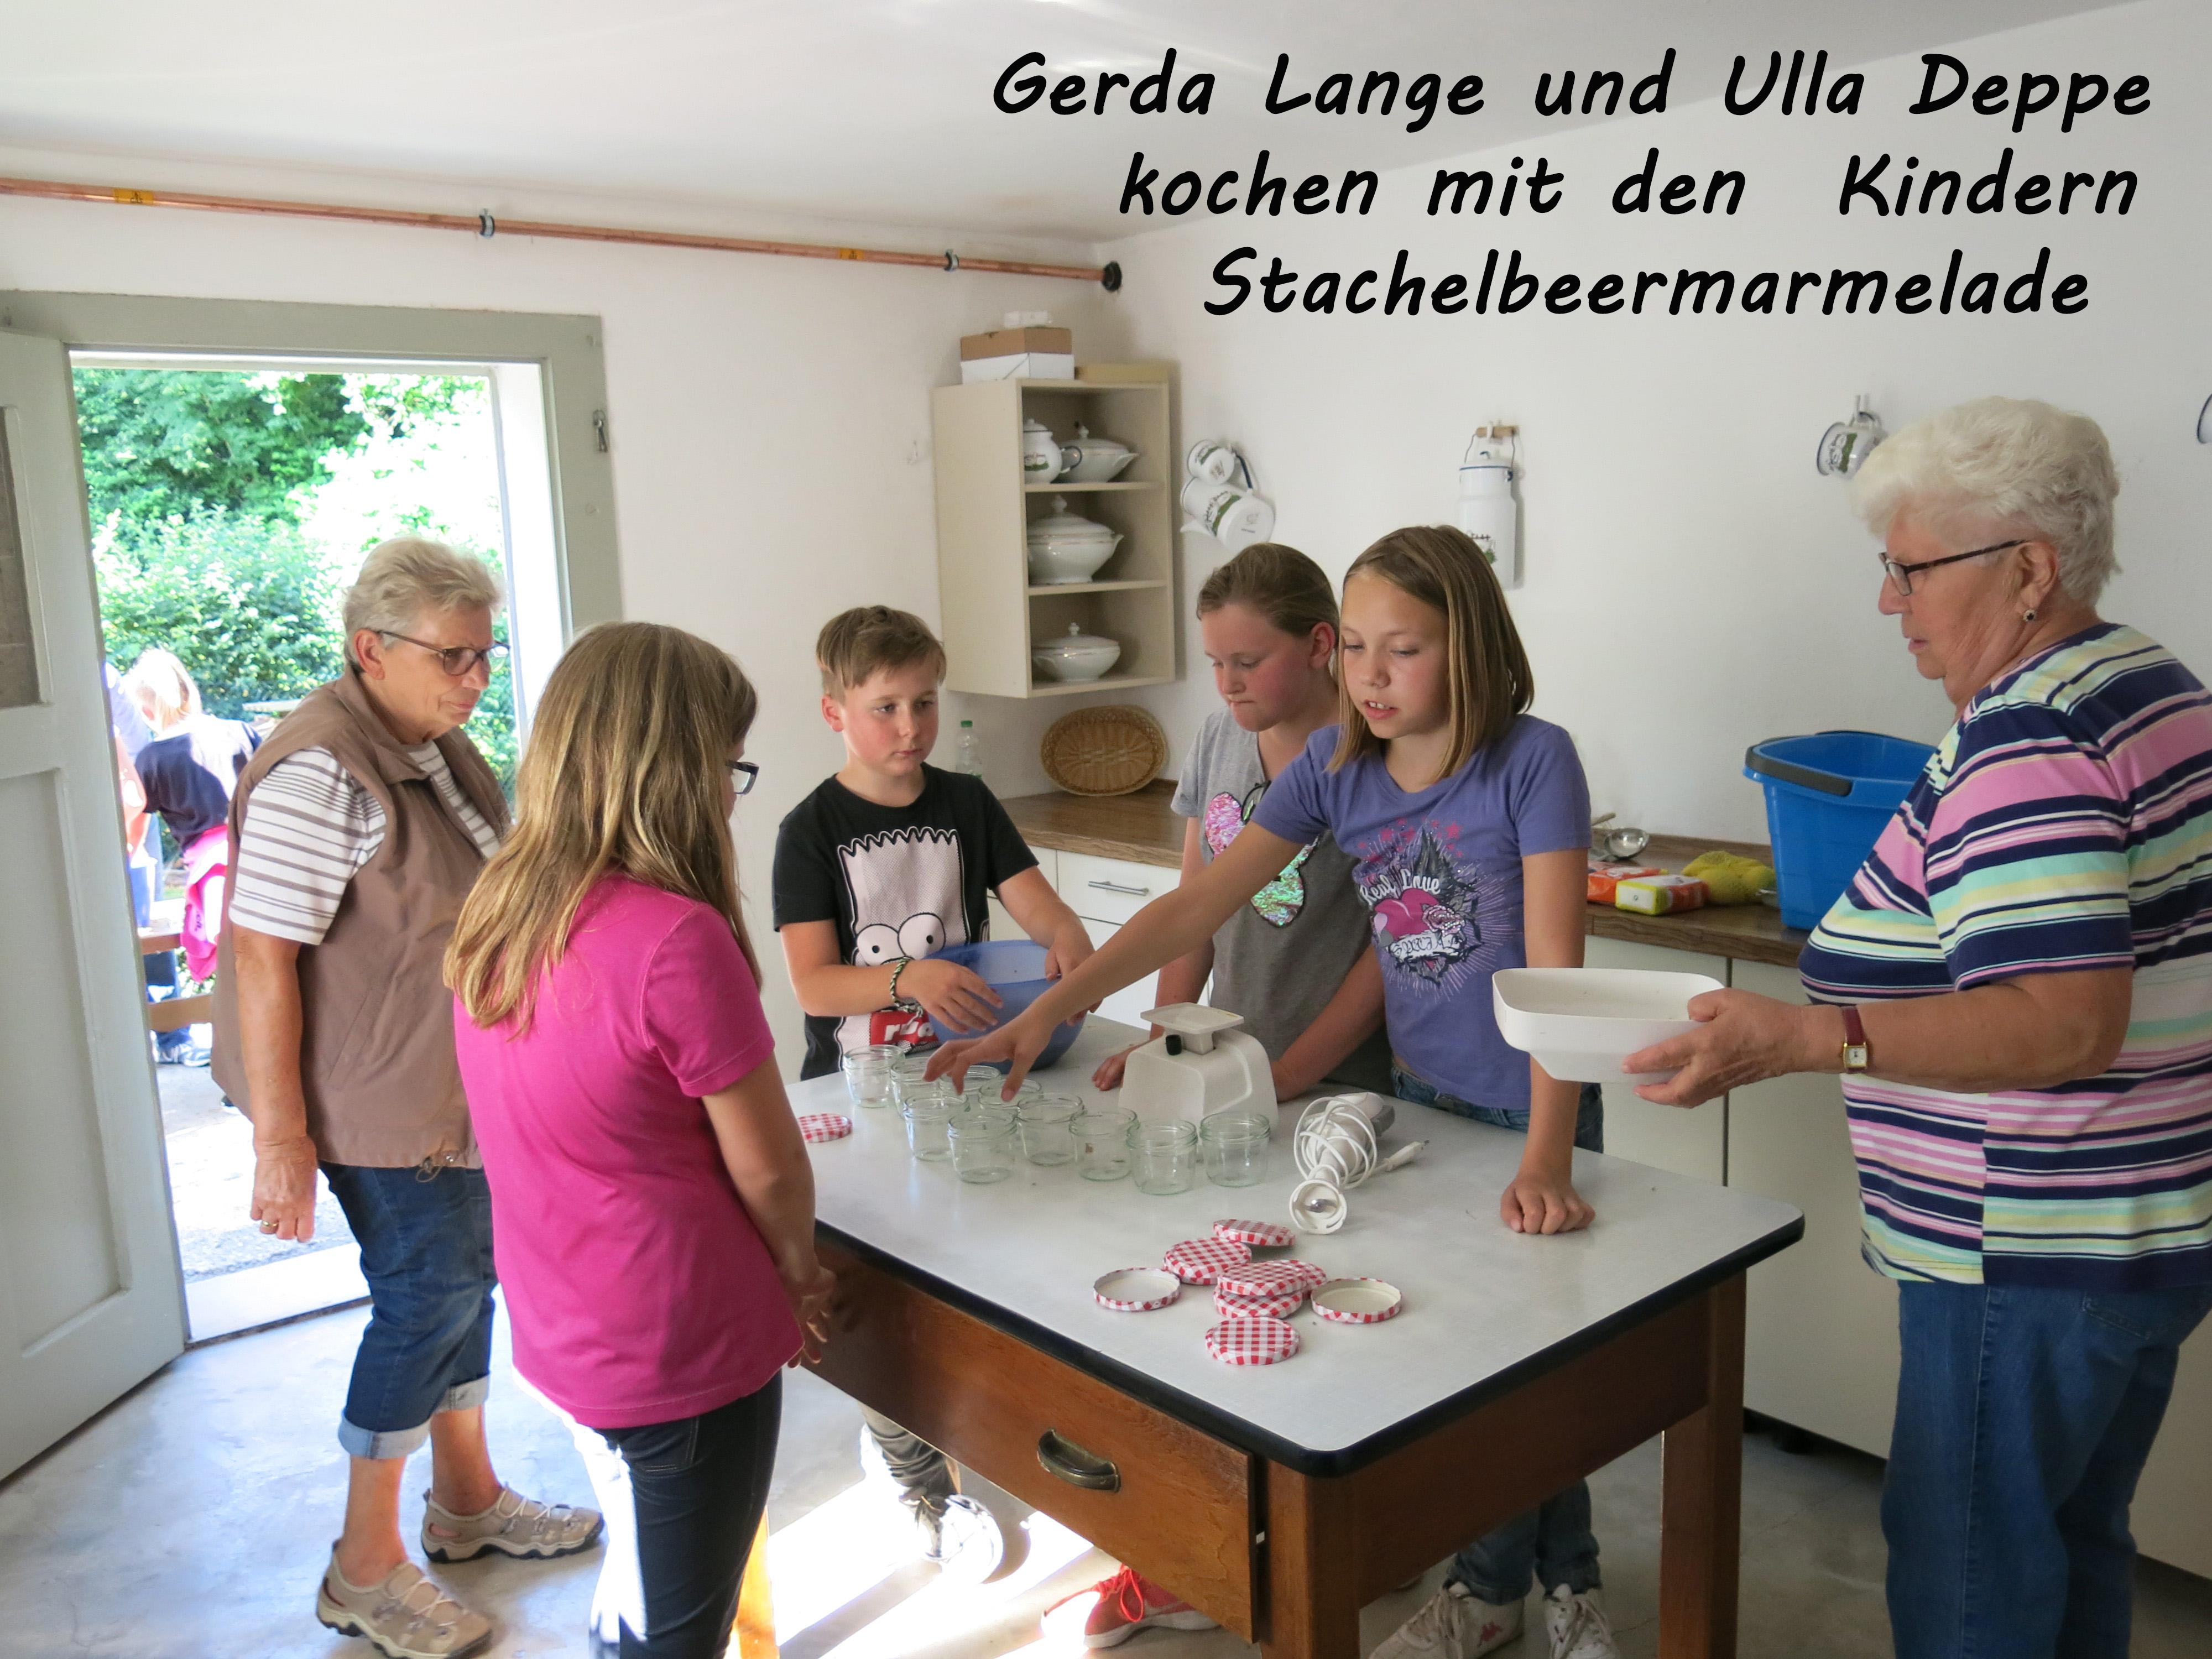 Gerda Lange und Ulla Deppe kochen mit den Kindern Stachelbeermarmelade in der Schweinküche von Hermanns Wohnhaus. Foto: Heimat- und Geschichtsverein Wulften.